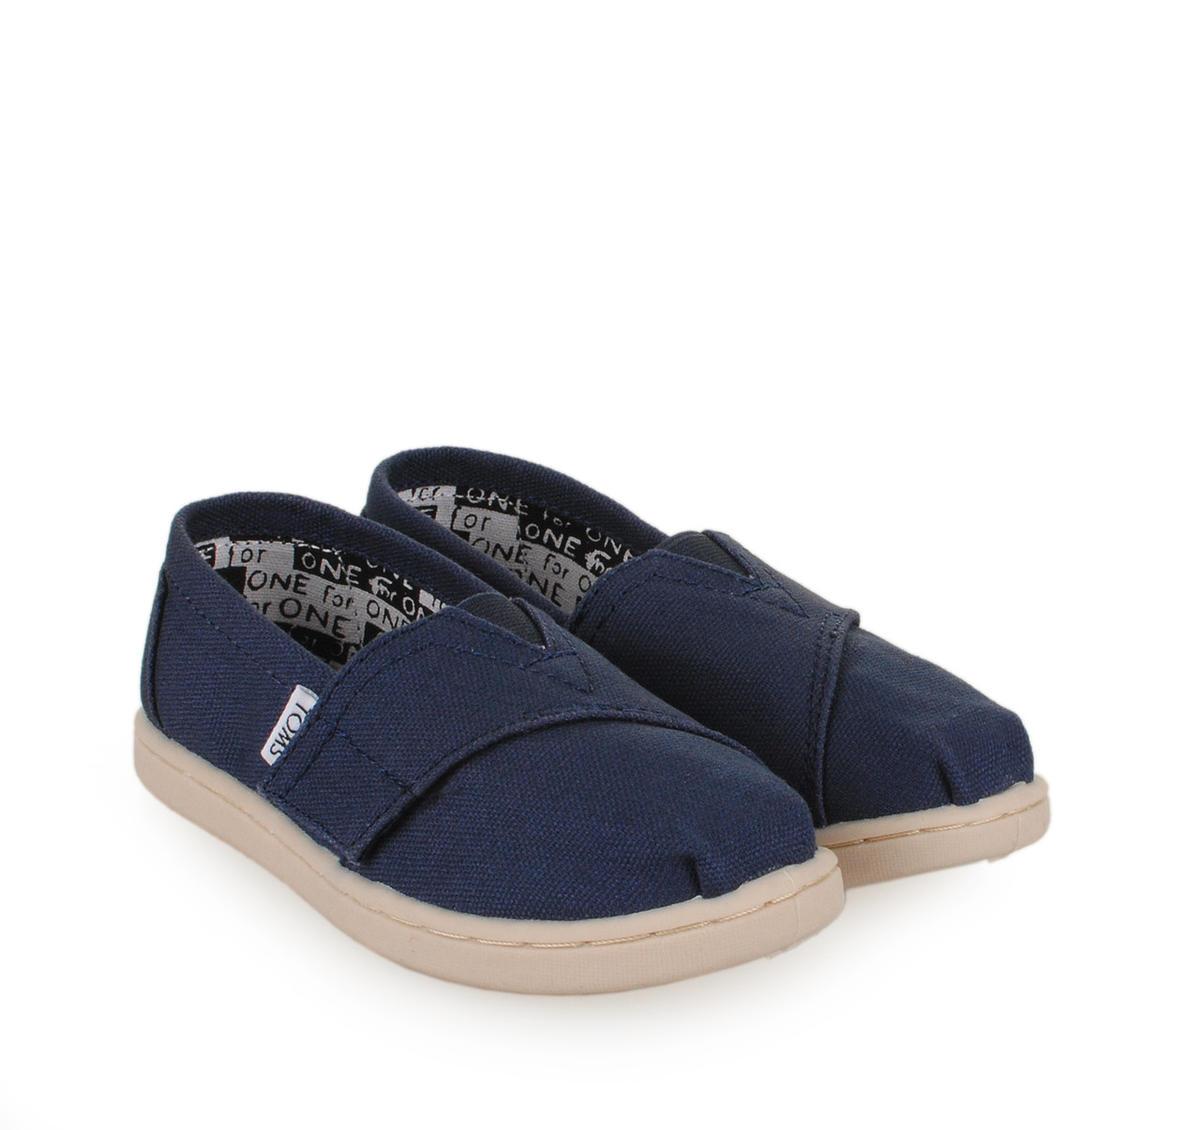 Παιδικά παπούτσια εσπαντρίγιες TOMS CLASSIC UNISEX (NAVY) fd5372b845c